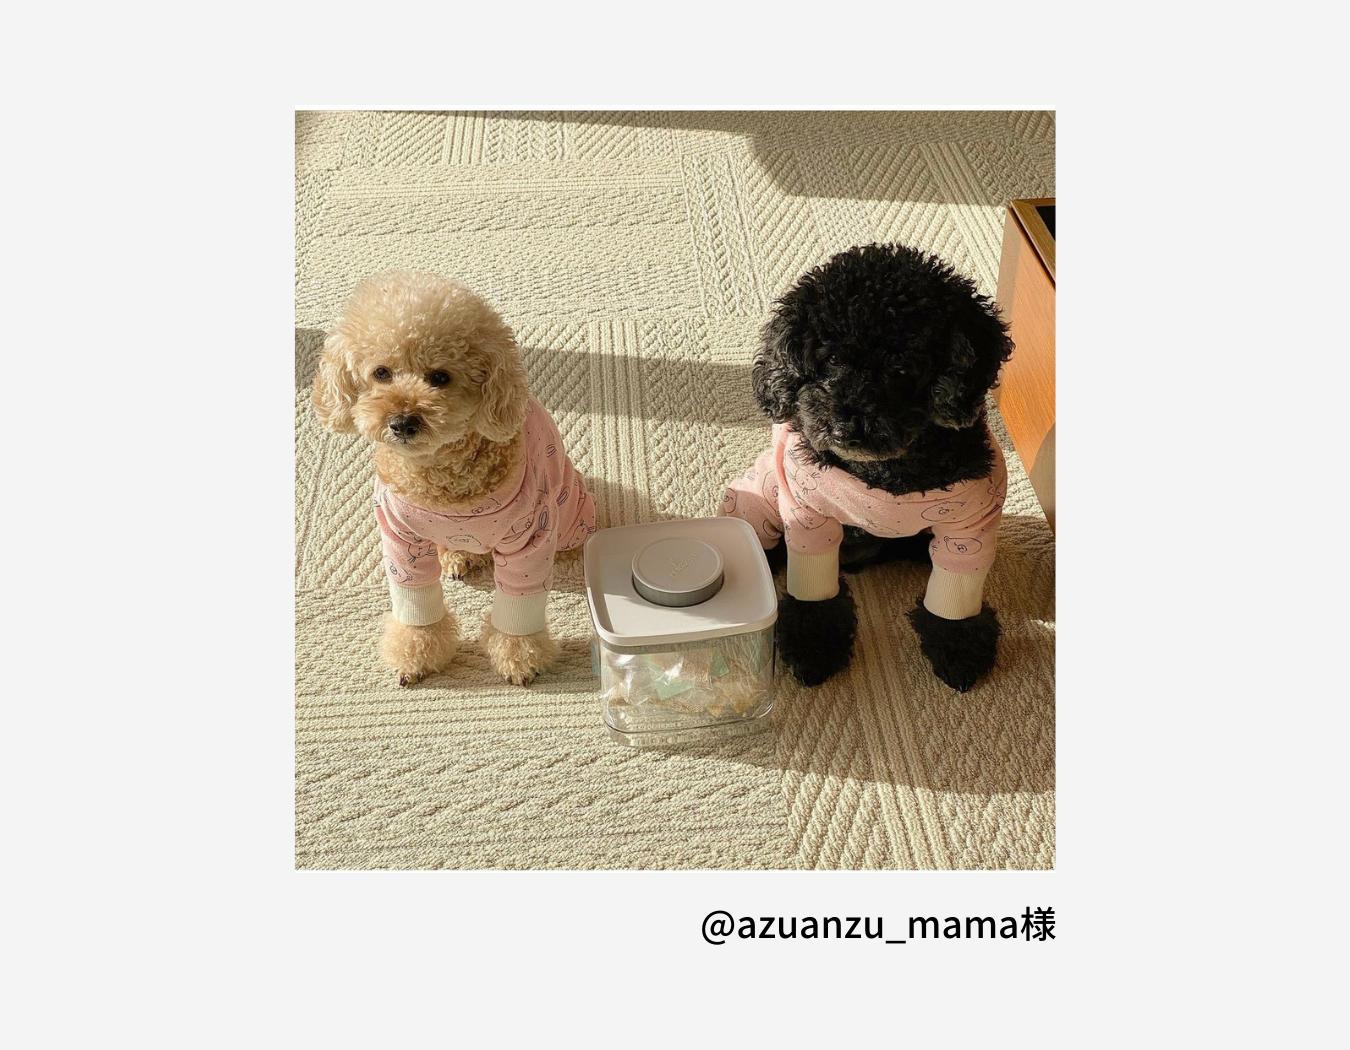 azuanzu_mama_sama